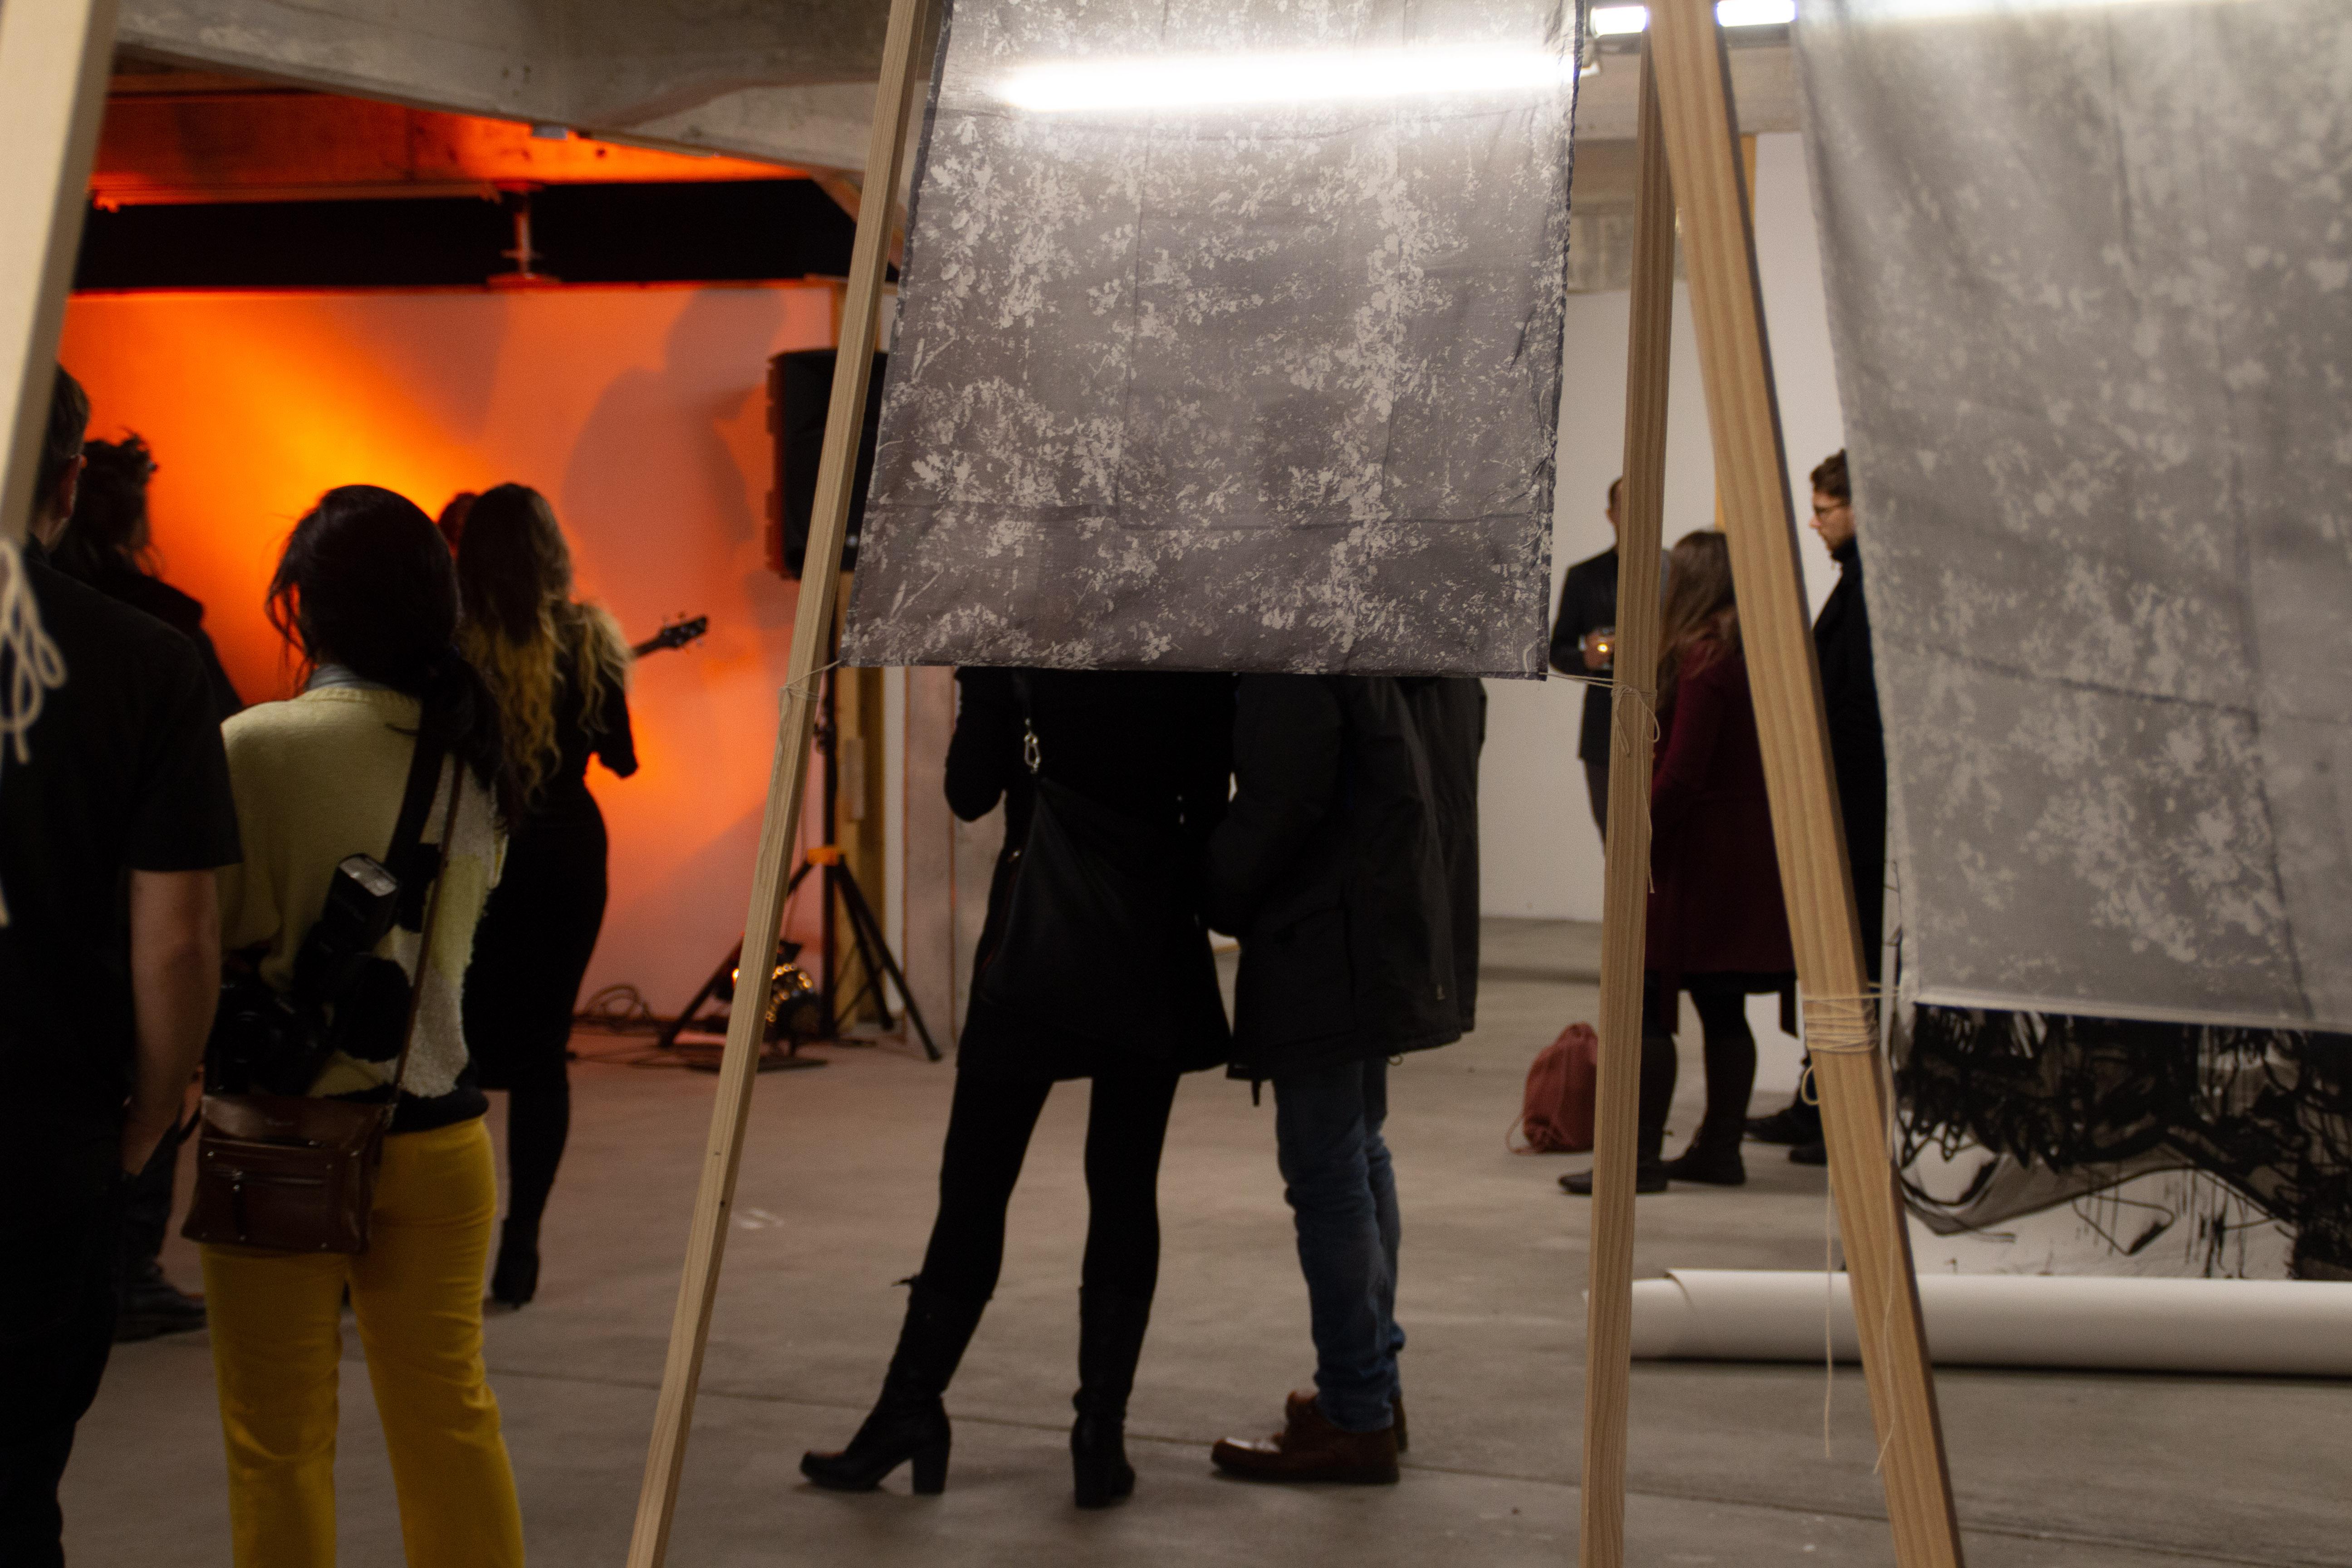 PK-RD41-Overwhelmed-incorporeal-happiness-vernissage-PILOTENKUECHE-International-Art-Program-20